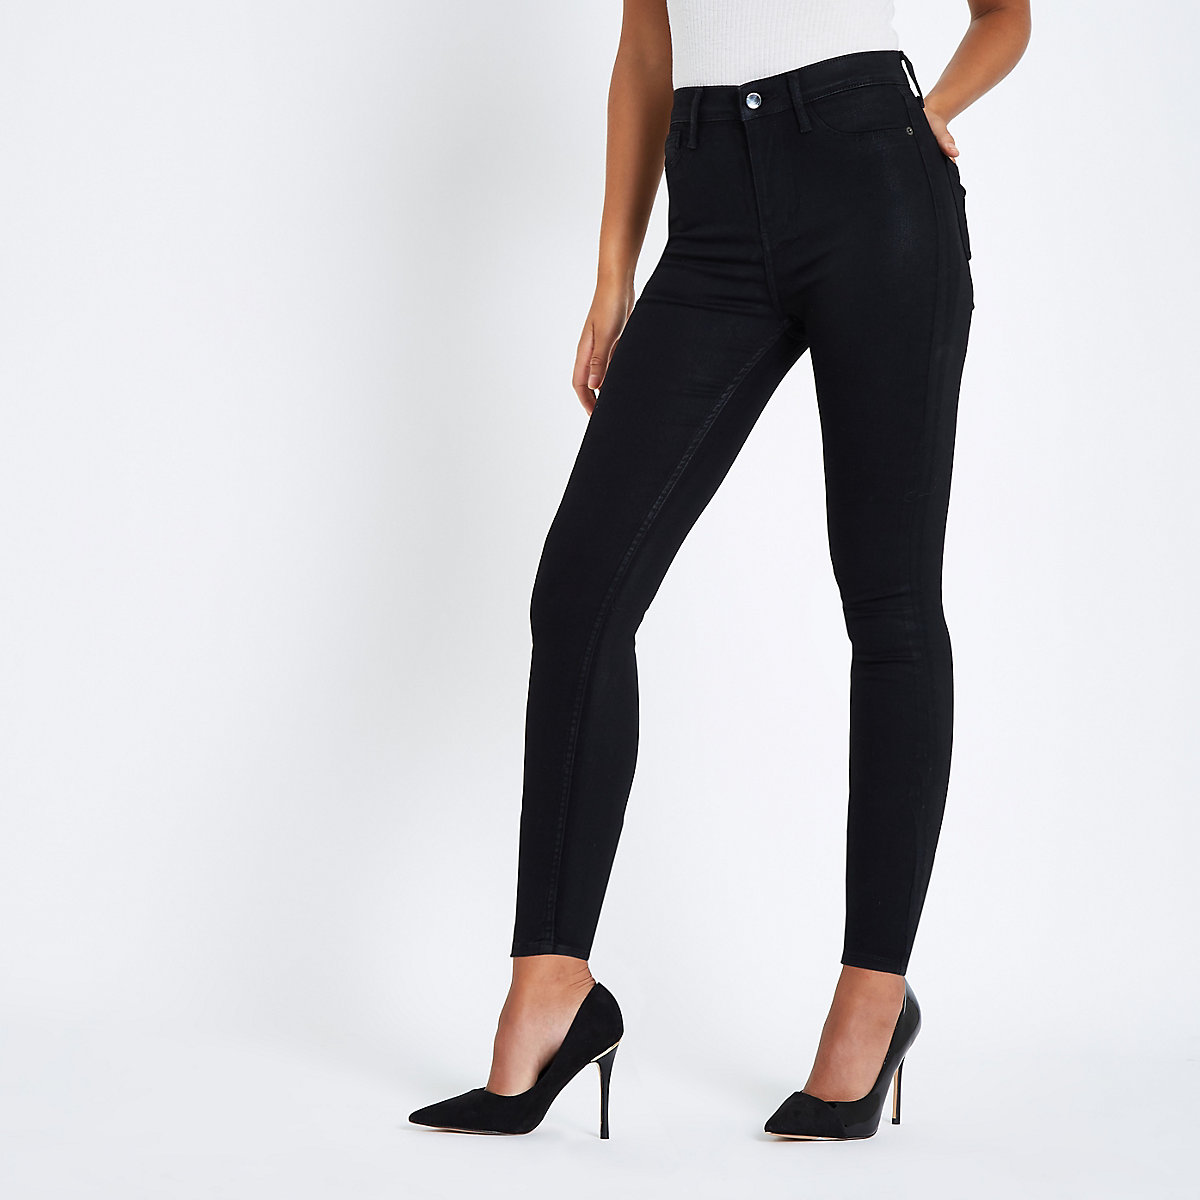 Harper - Zwarte enkellange skinny jeans met coating